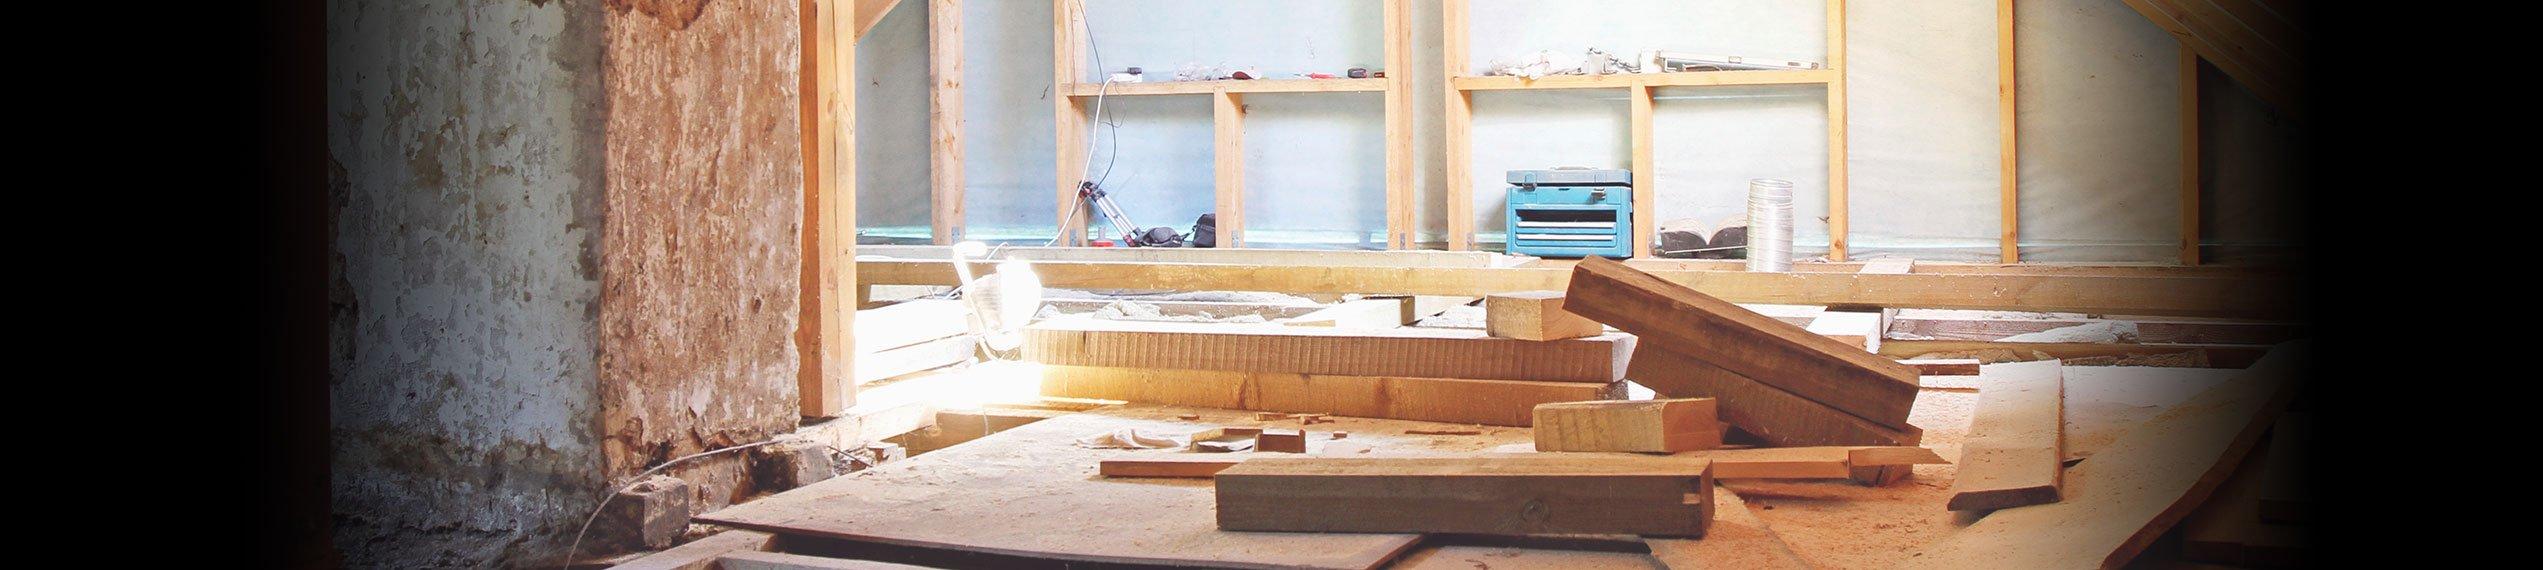 Remodeling Services in Paul Davis Restoration & Remodeling of Elizabethtown